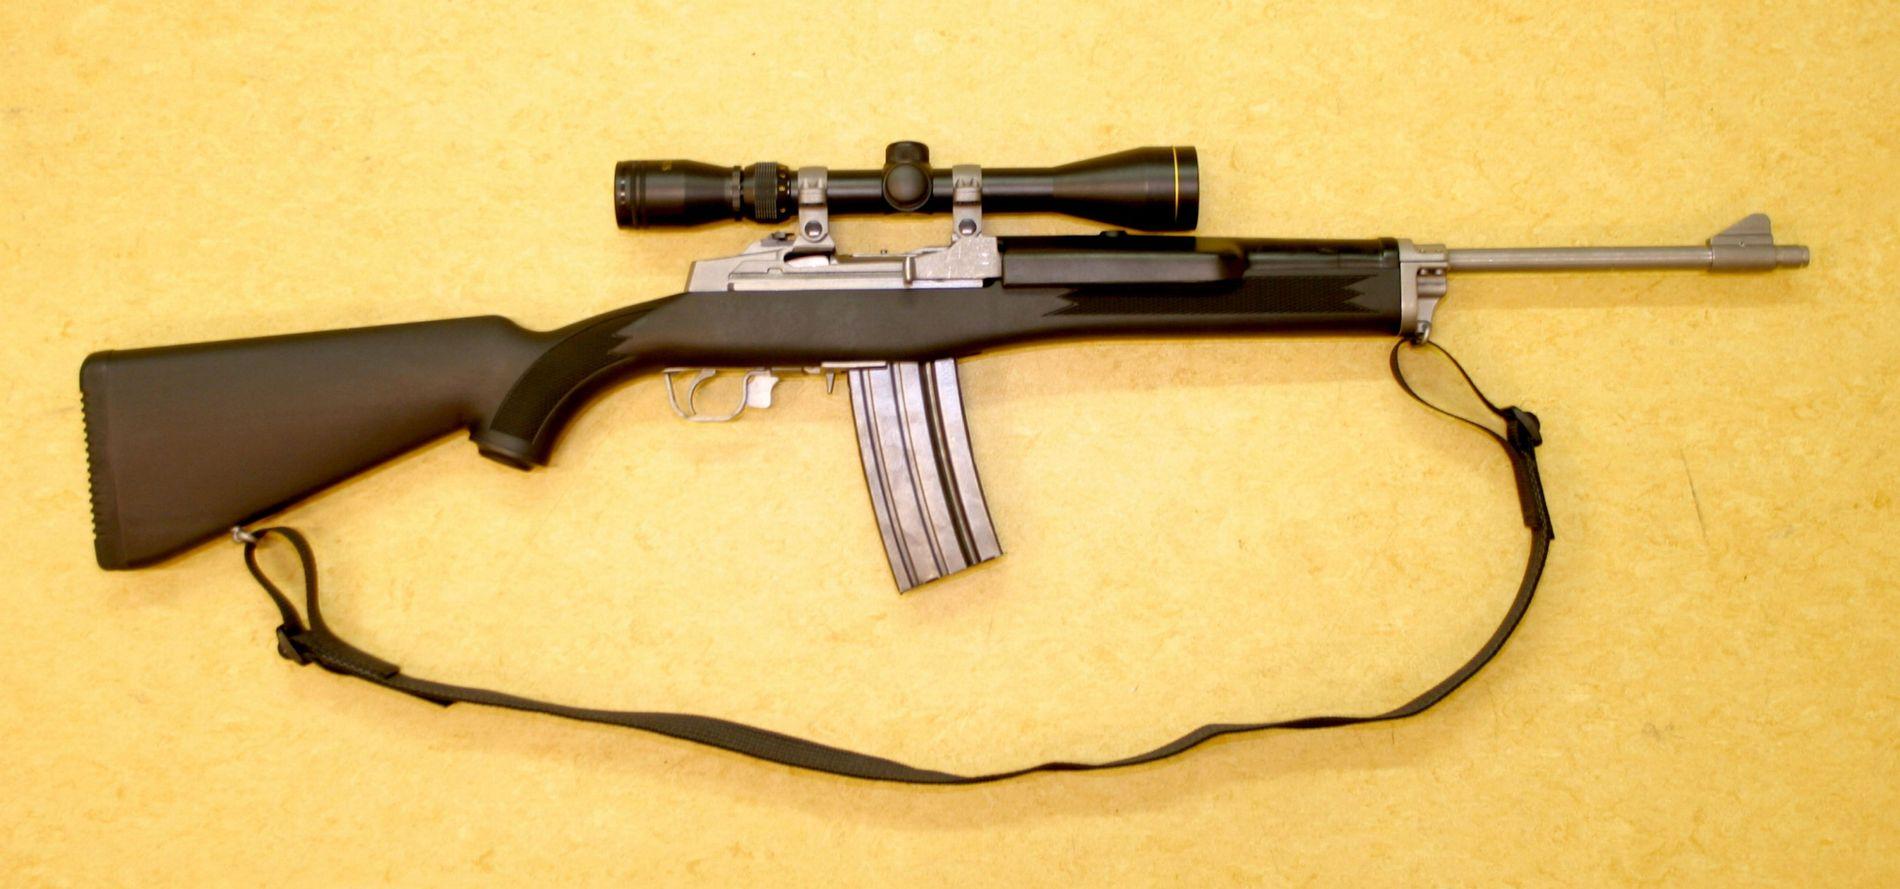 FORBYS: From the Ruger Mini 14, we are blir forbudt etter at forbudet trer and kraft. Det er den samme våpentypen som ble brukt av Anders Behring Breivik på Utøya 22. July 2011.